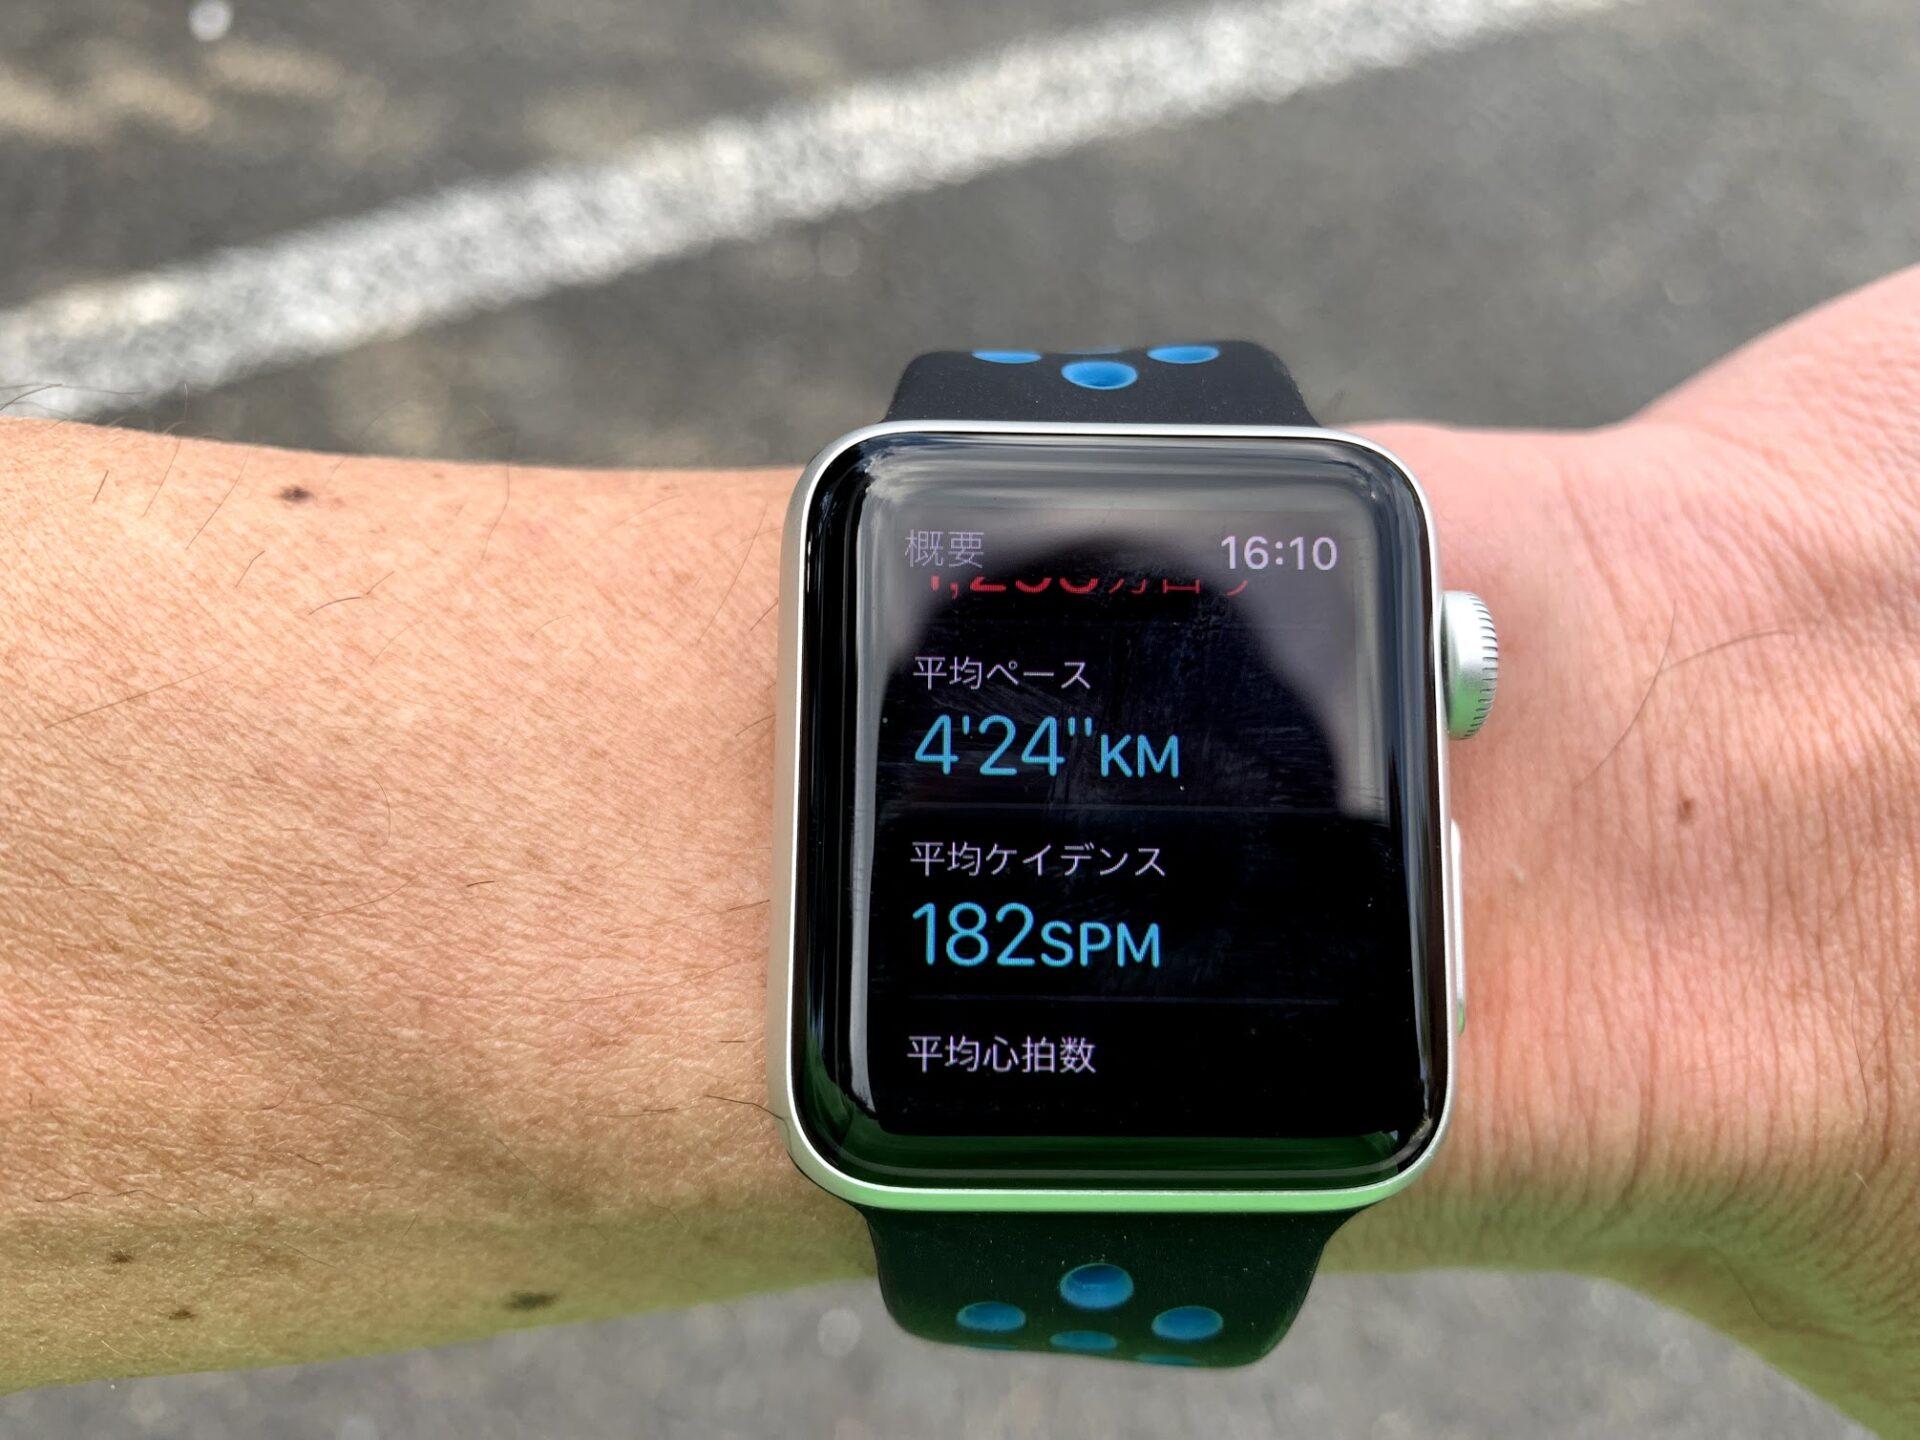 Apple Watchの「ワークアウト」アプリでラン時のおサボり病を撃退しよう